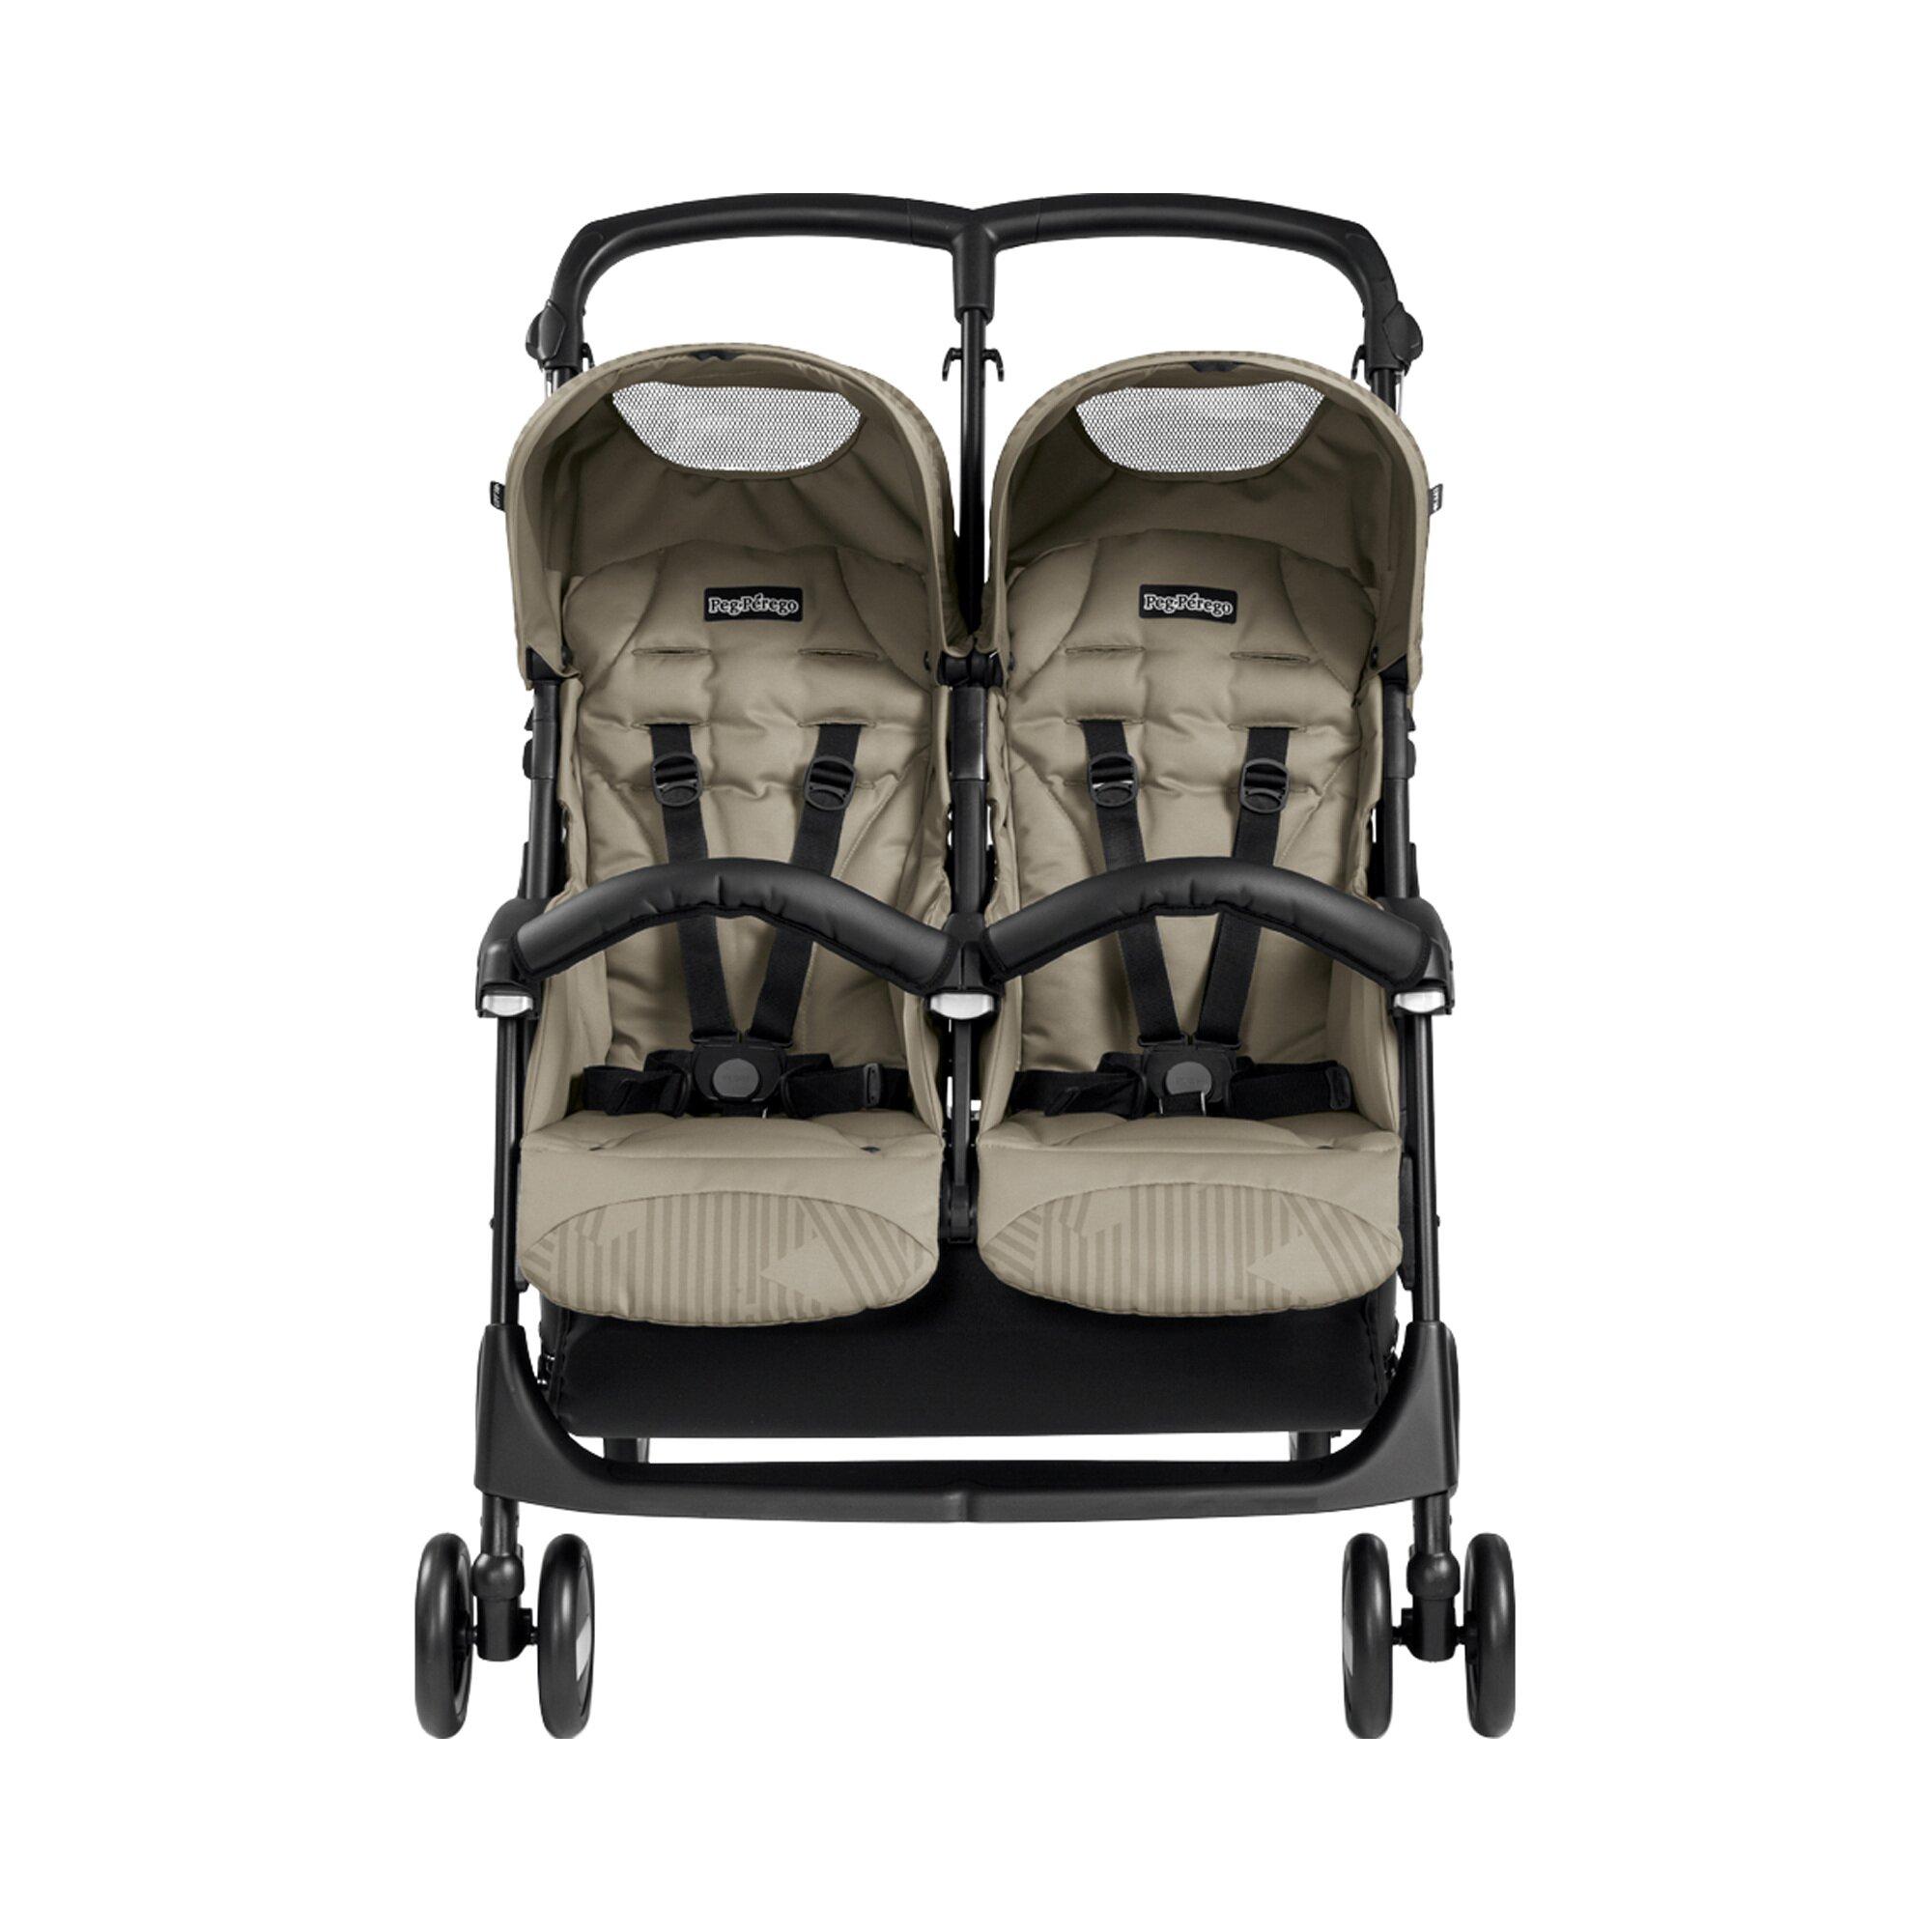 peg-perego-aria-shopper-twin-zwillings-und-kinderwagen-geschwisterwagen-design-2018-beige